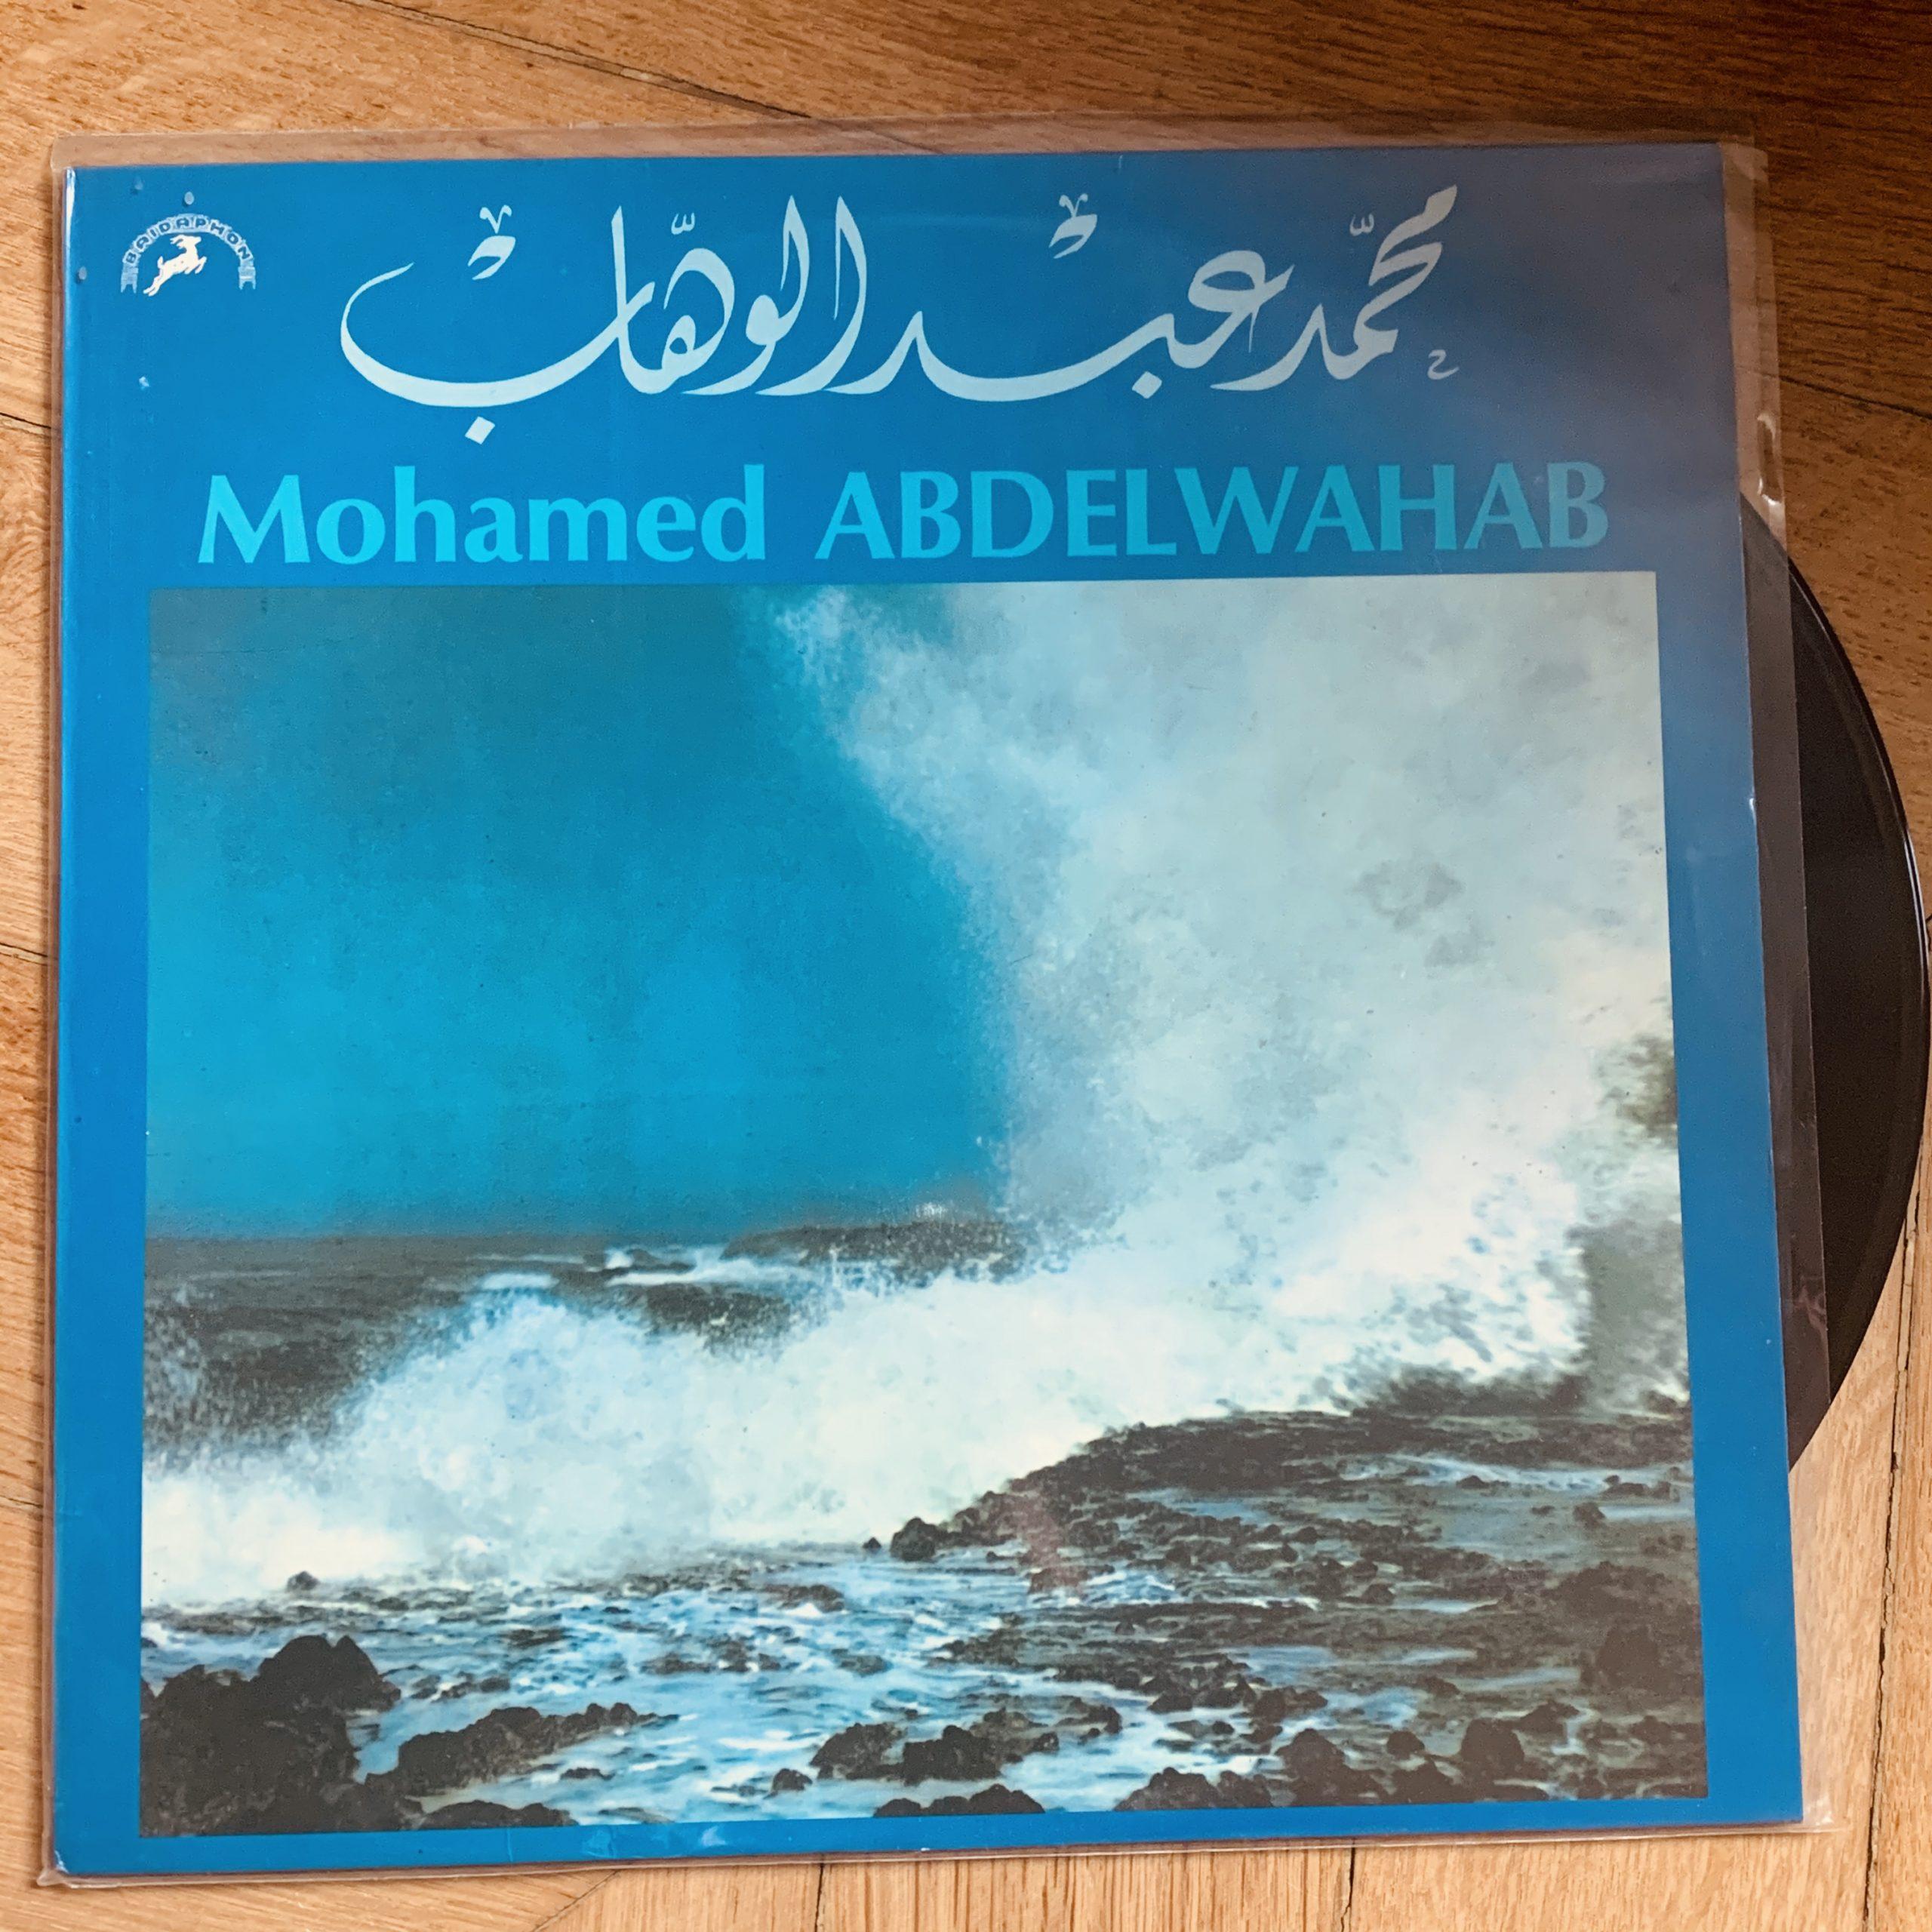 Le disque de Mohamed Abdelwahab